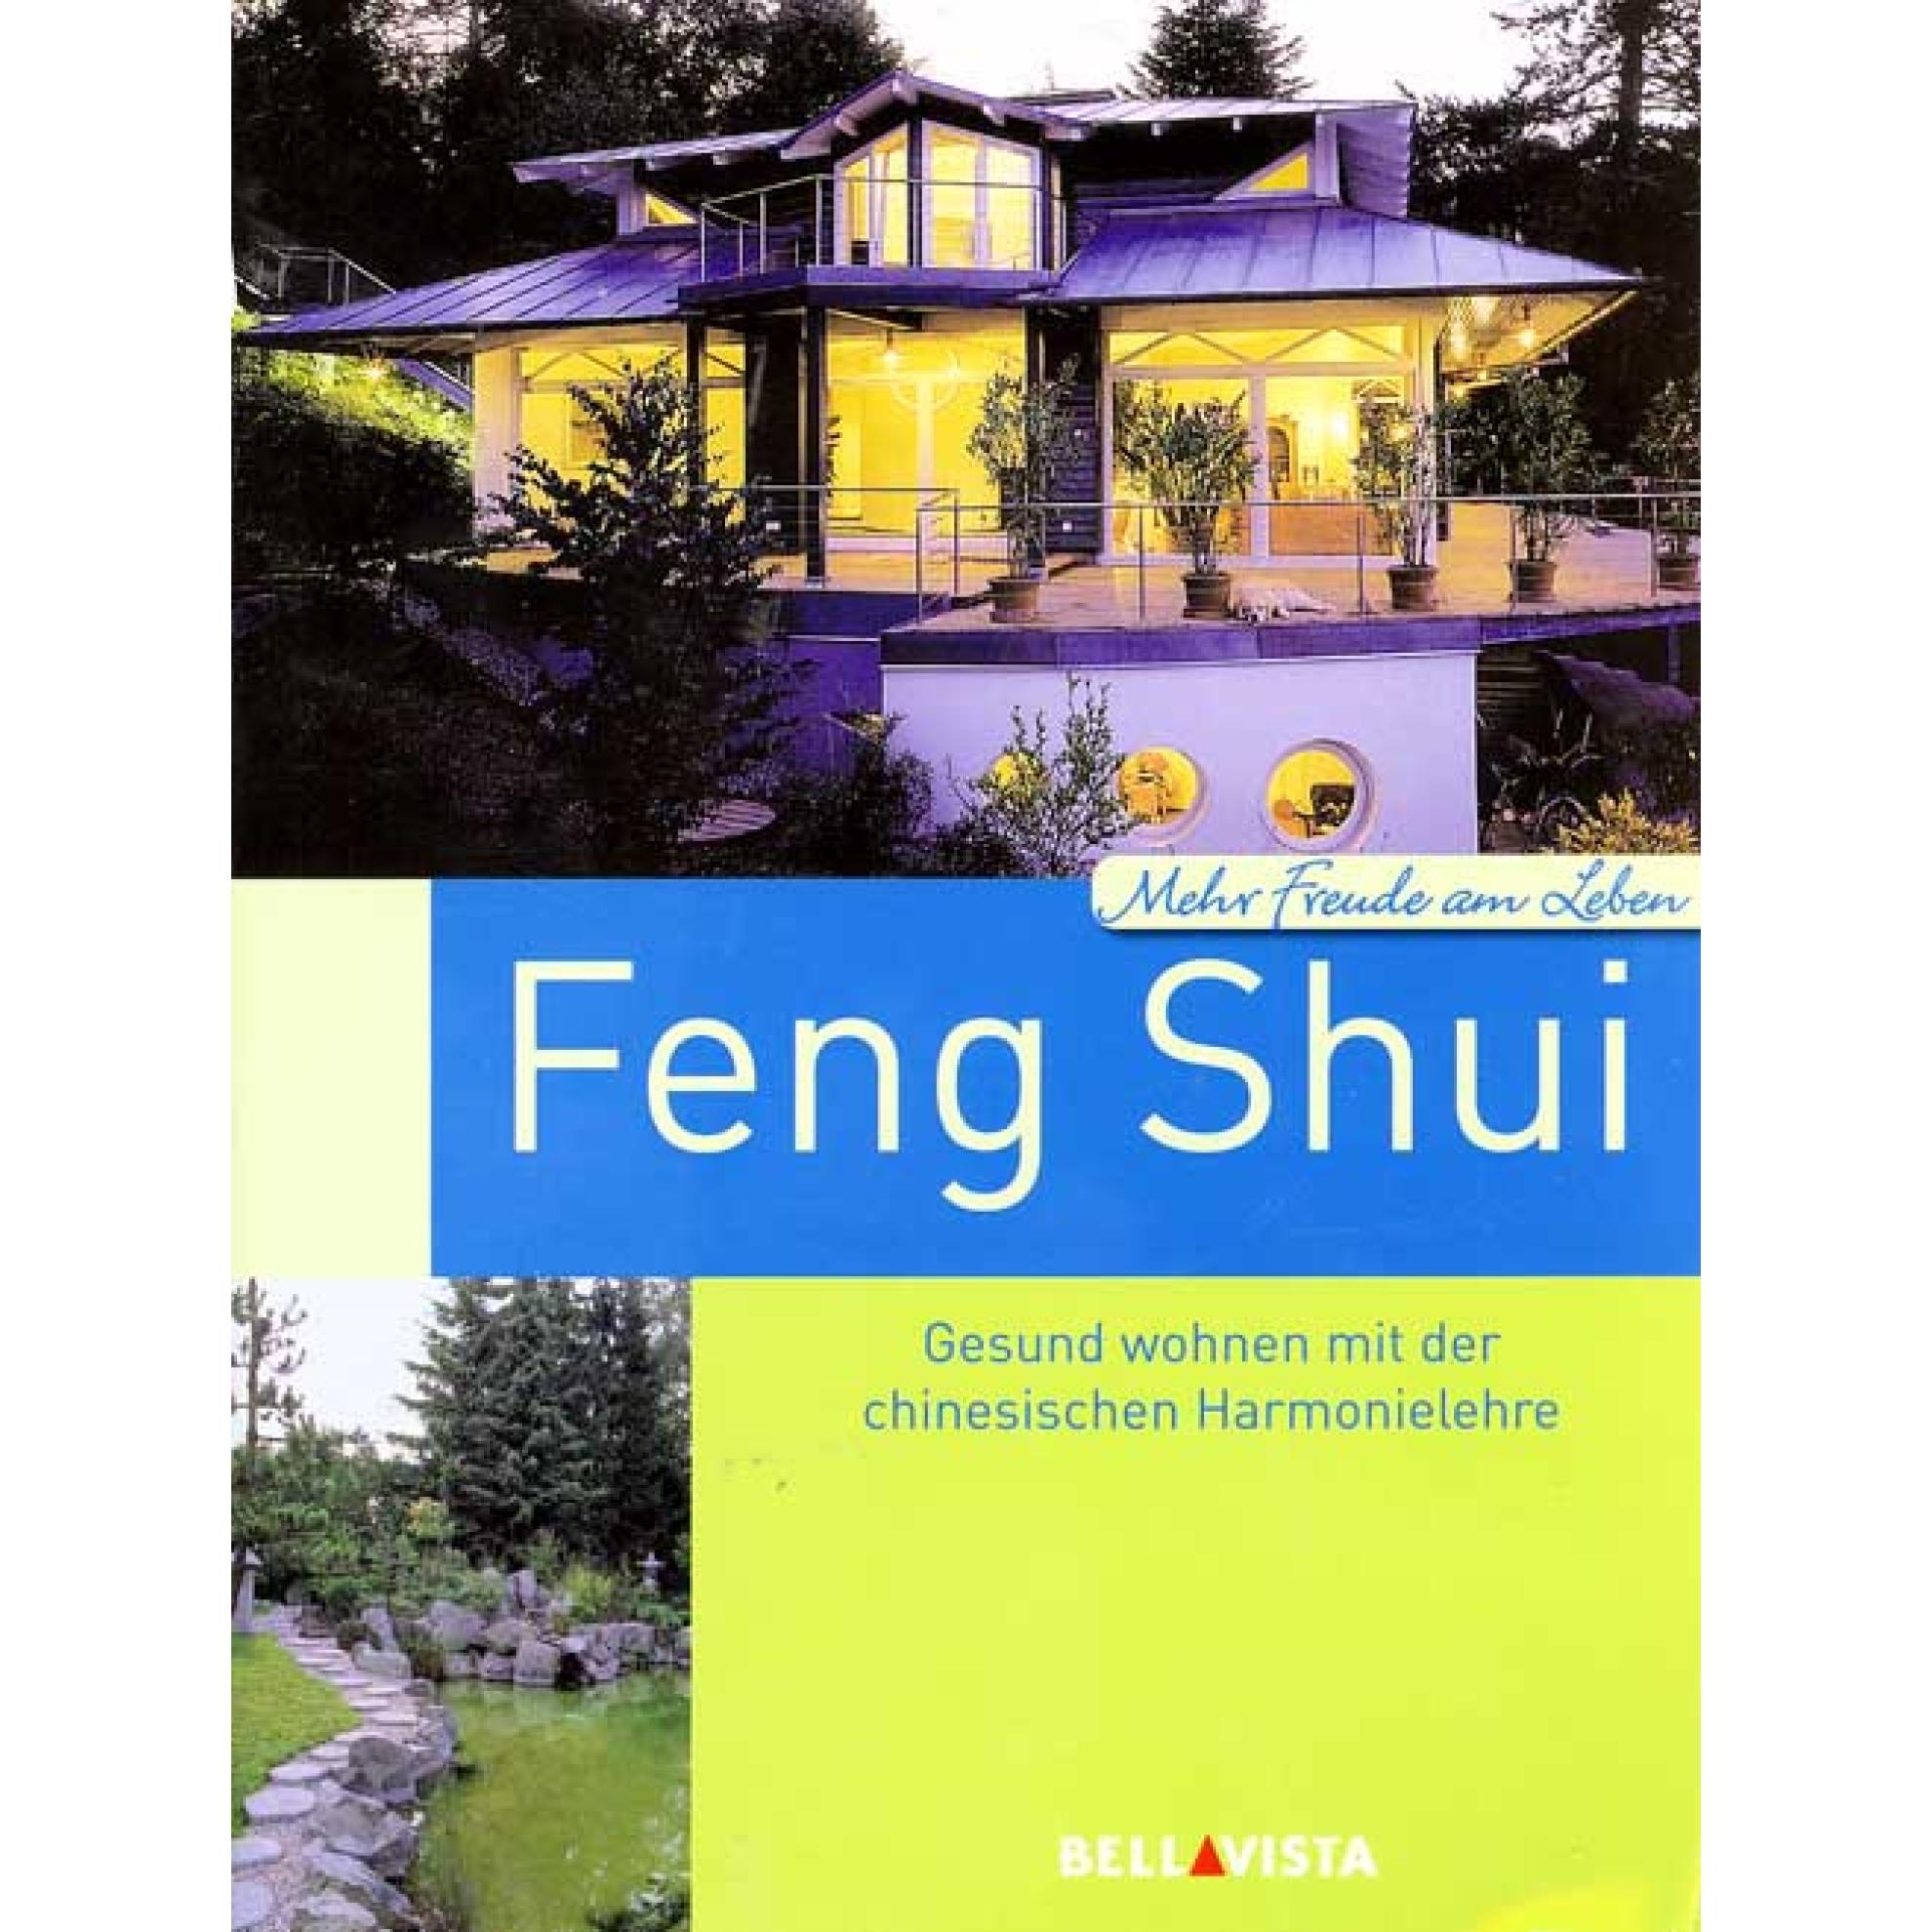 feng shui gesund wohnen mit der chinesischen harmonielehre paperback guidebook. Black Bedroom Furniture Sets. Home Design Ideas